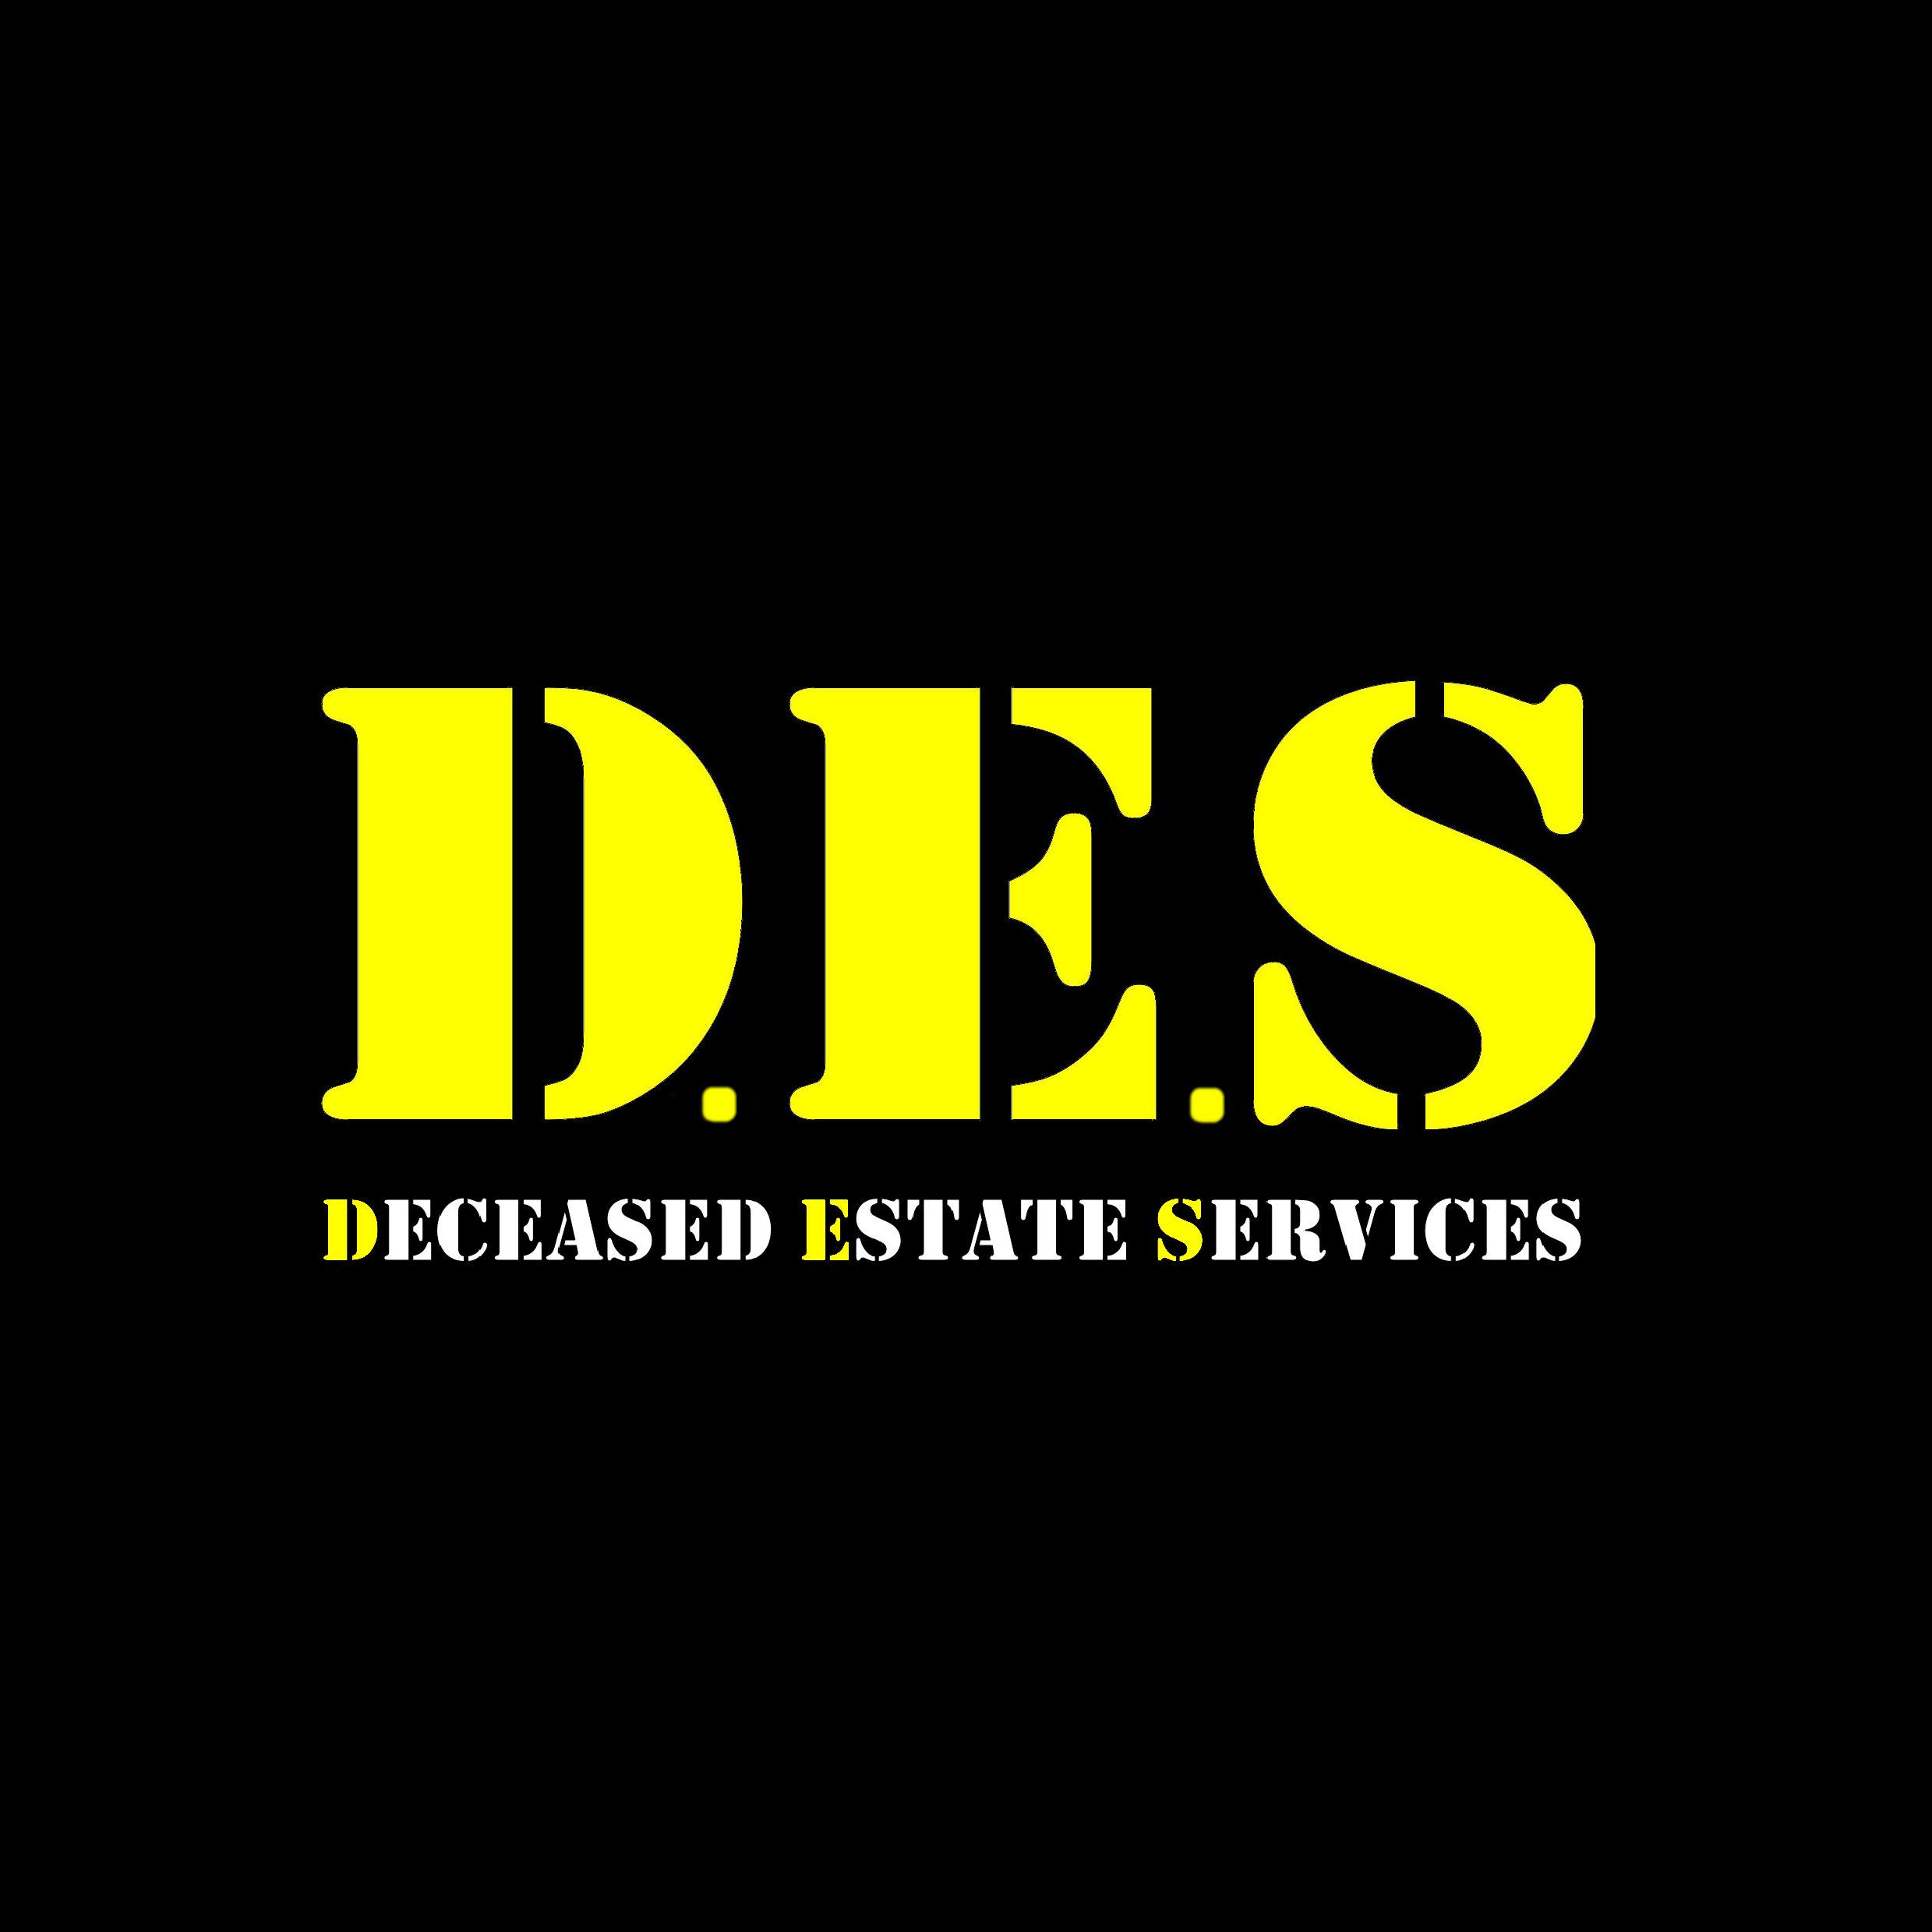 Deceased Estate Services Ltd